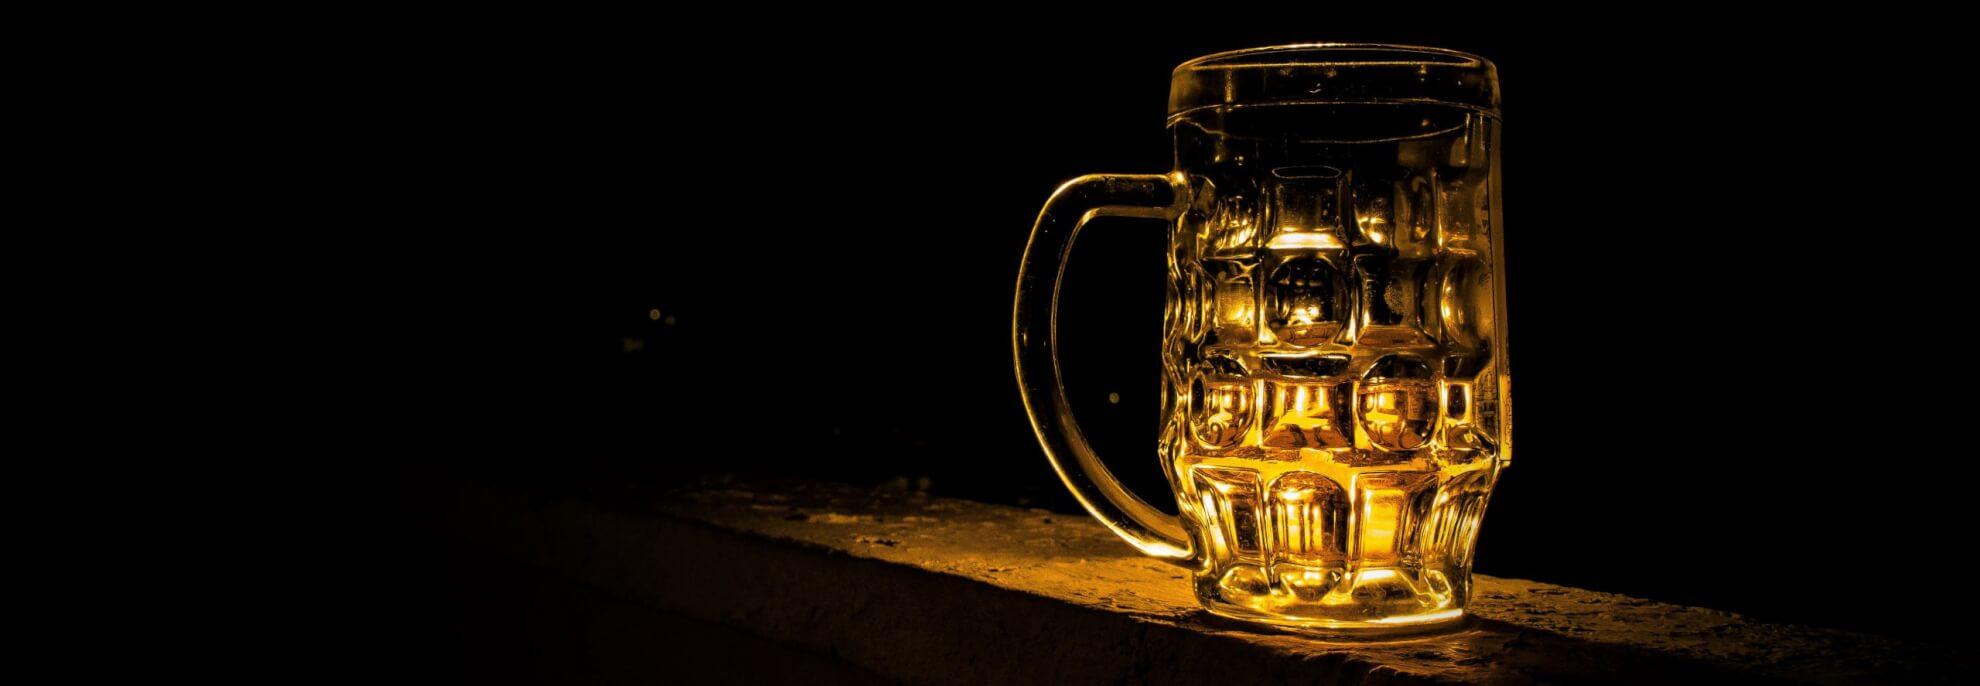 biertje bestellen, biercultuur Spanje, una cerveza por favor